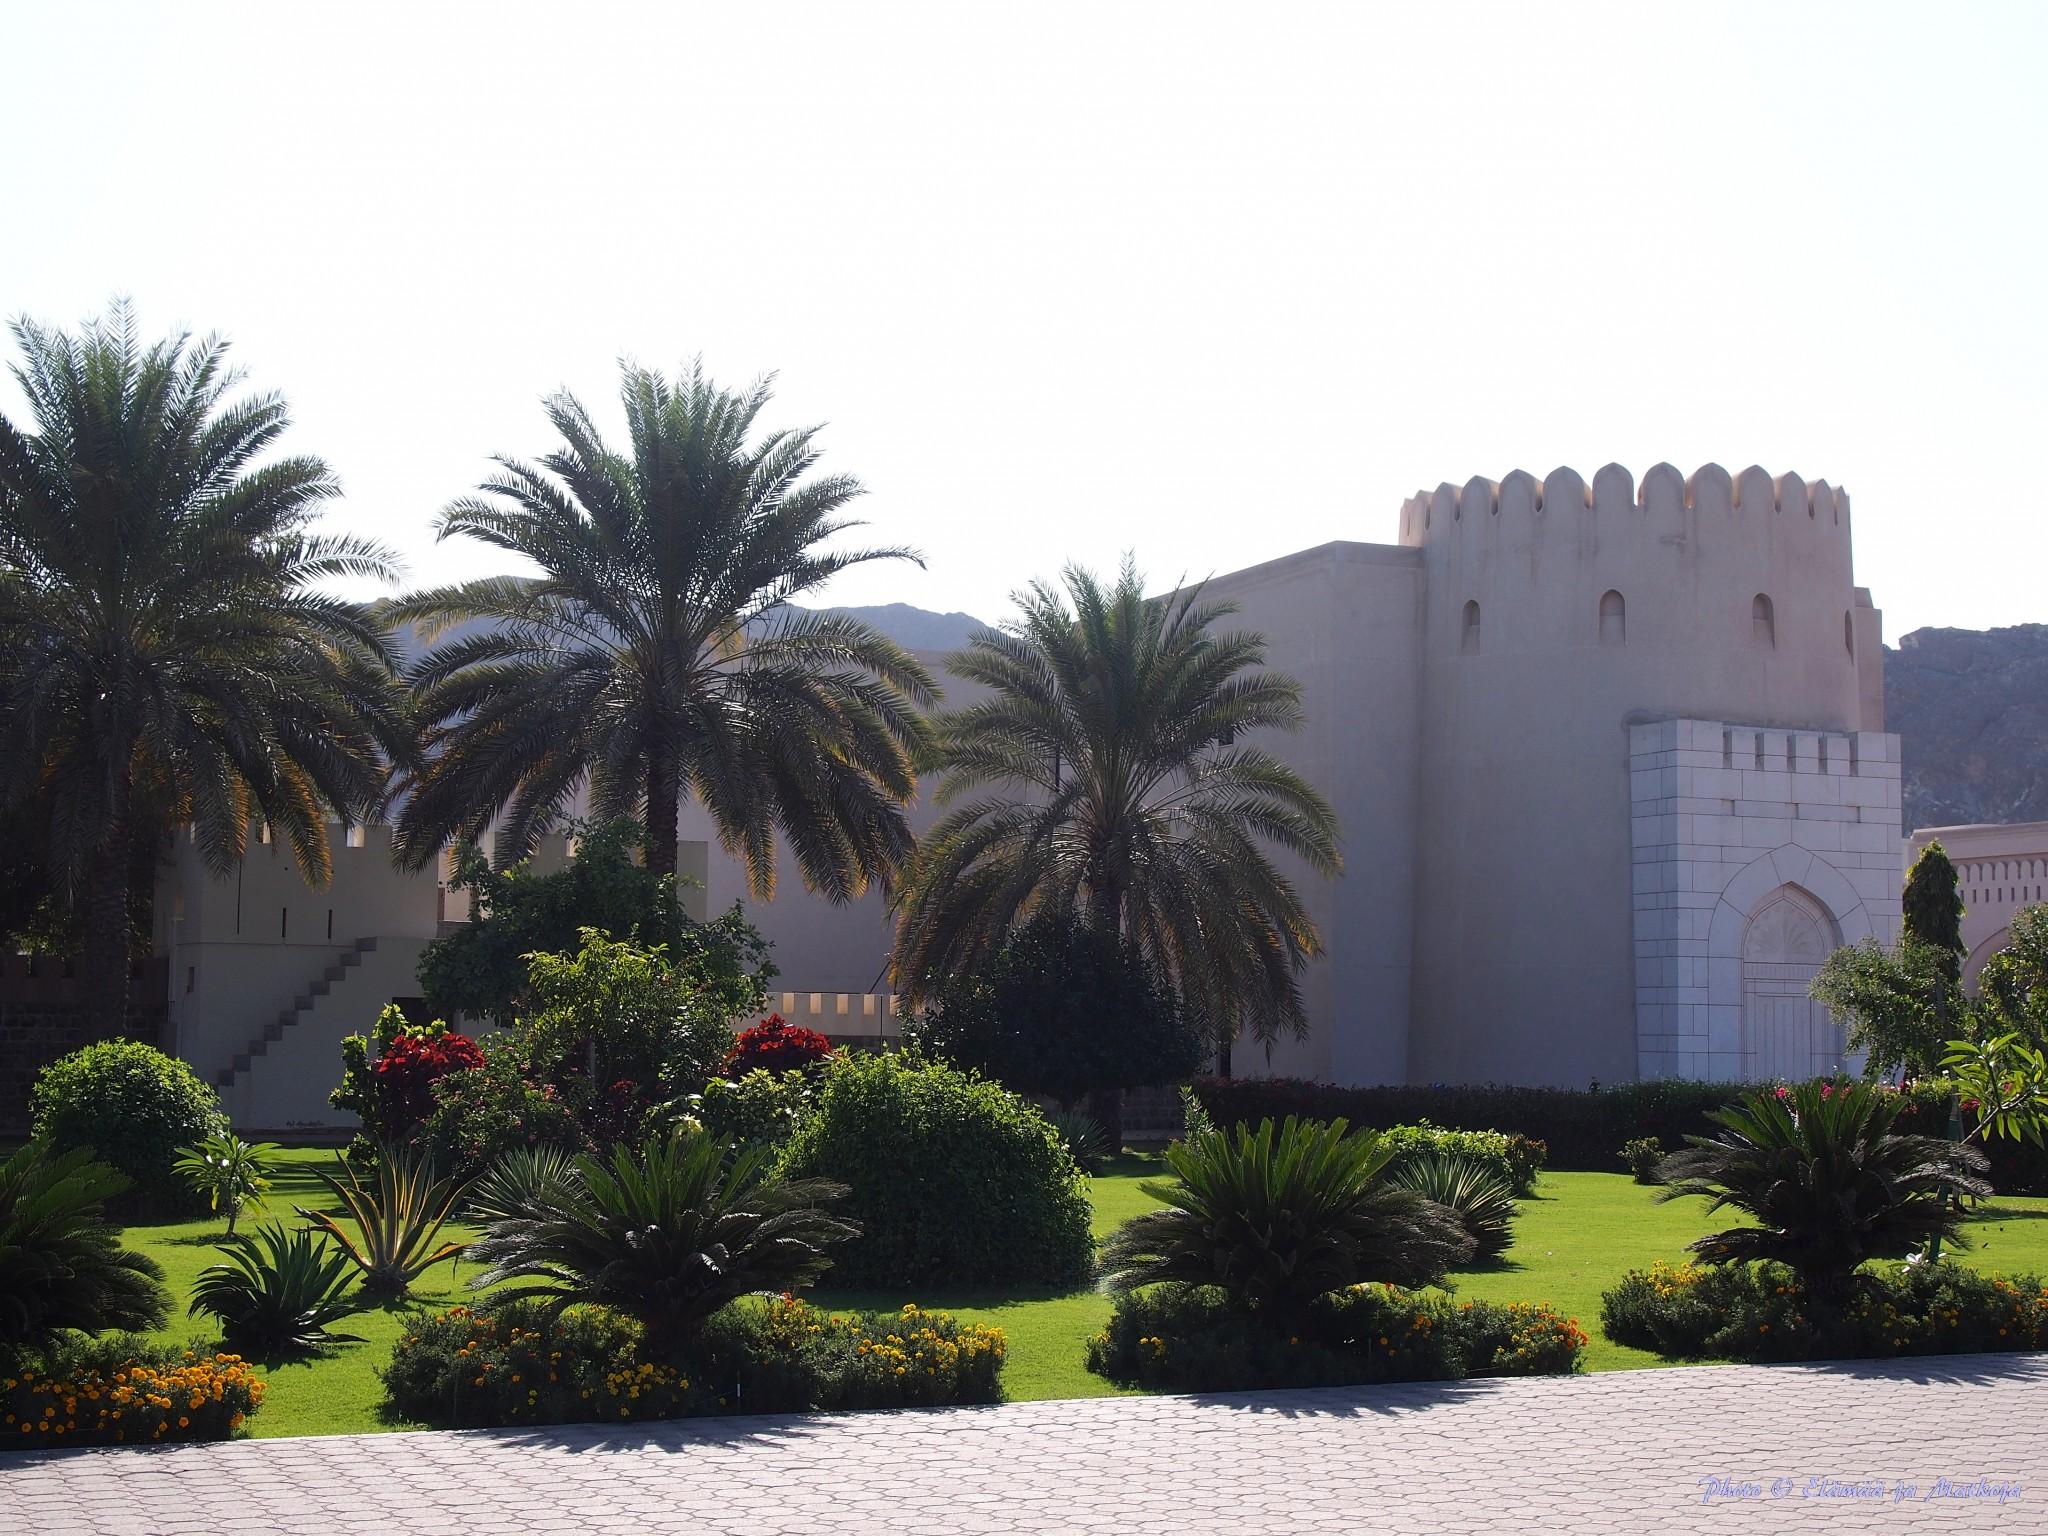 Oman Masqat portugalilainen linnoitus Photo © Elämää ja Matkoja